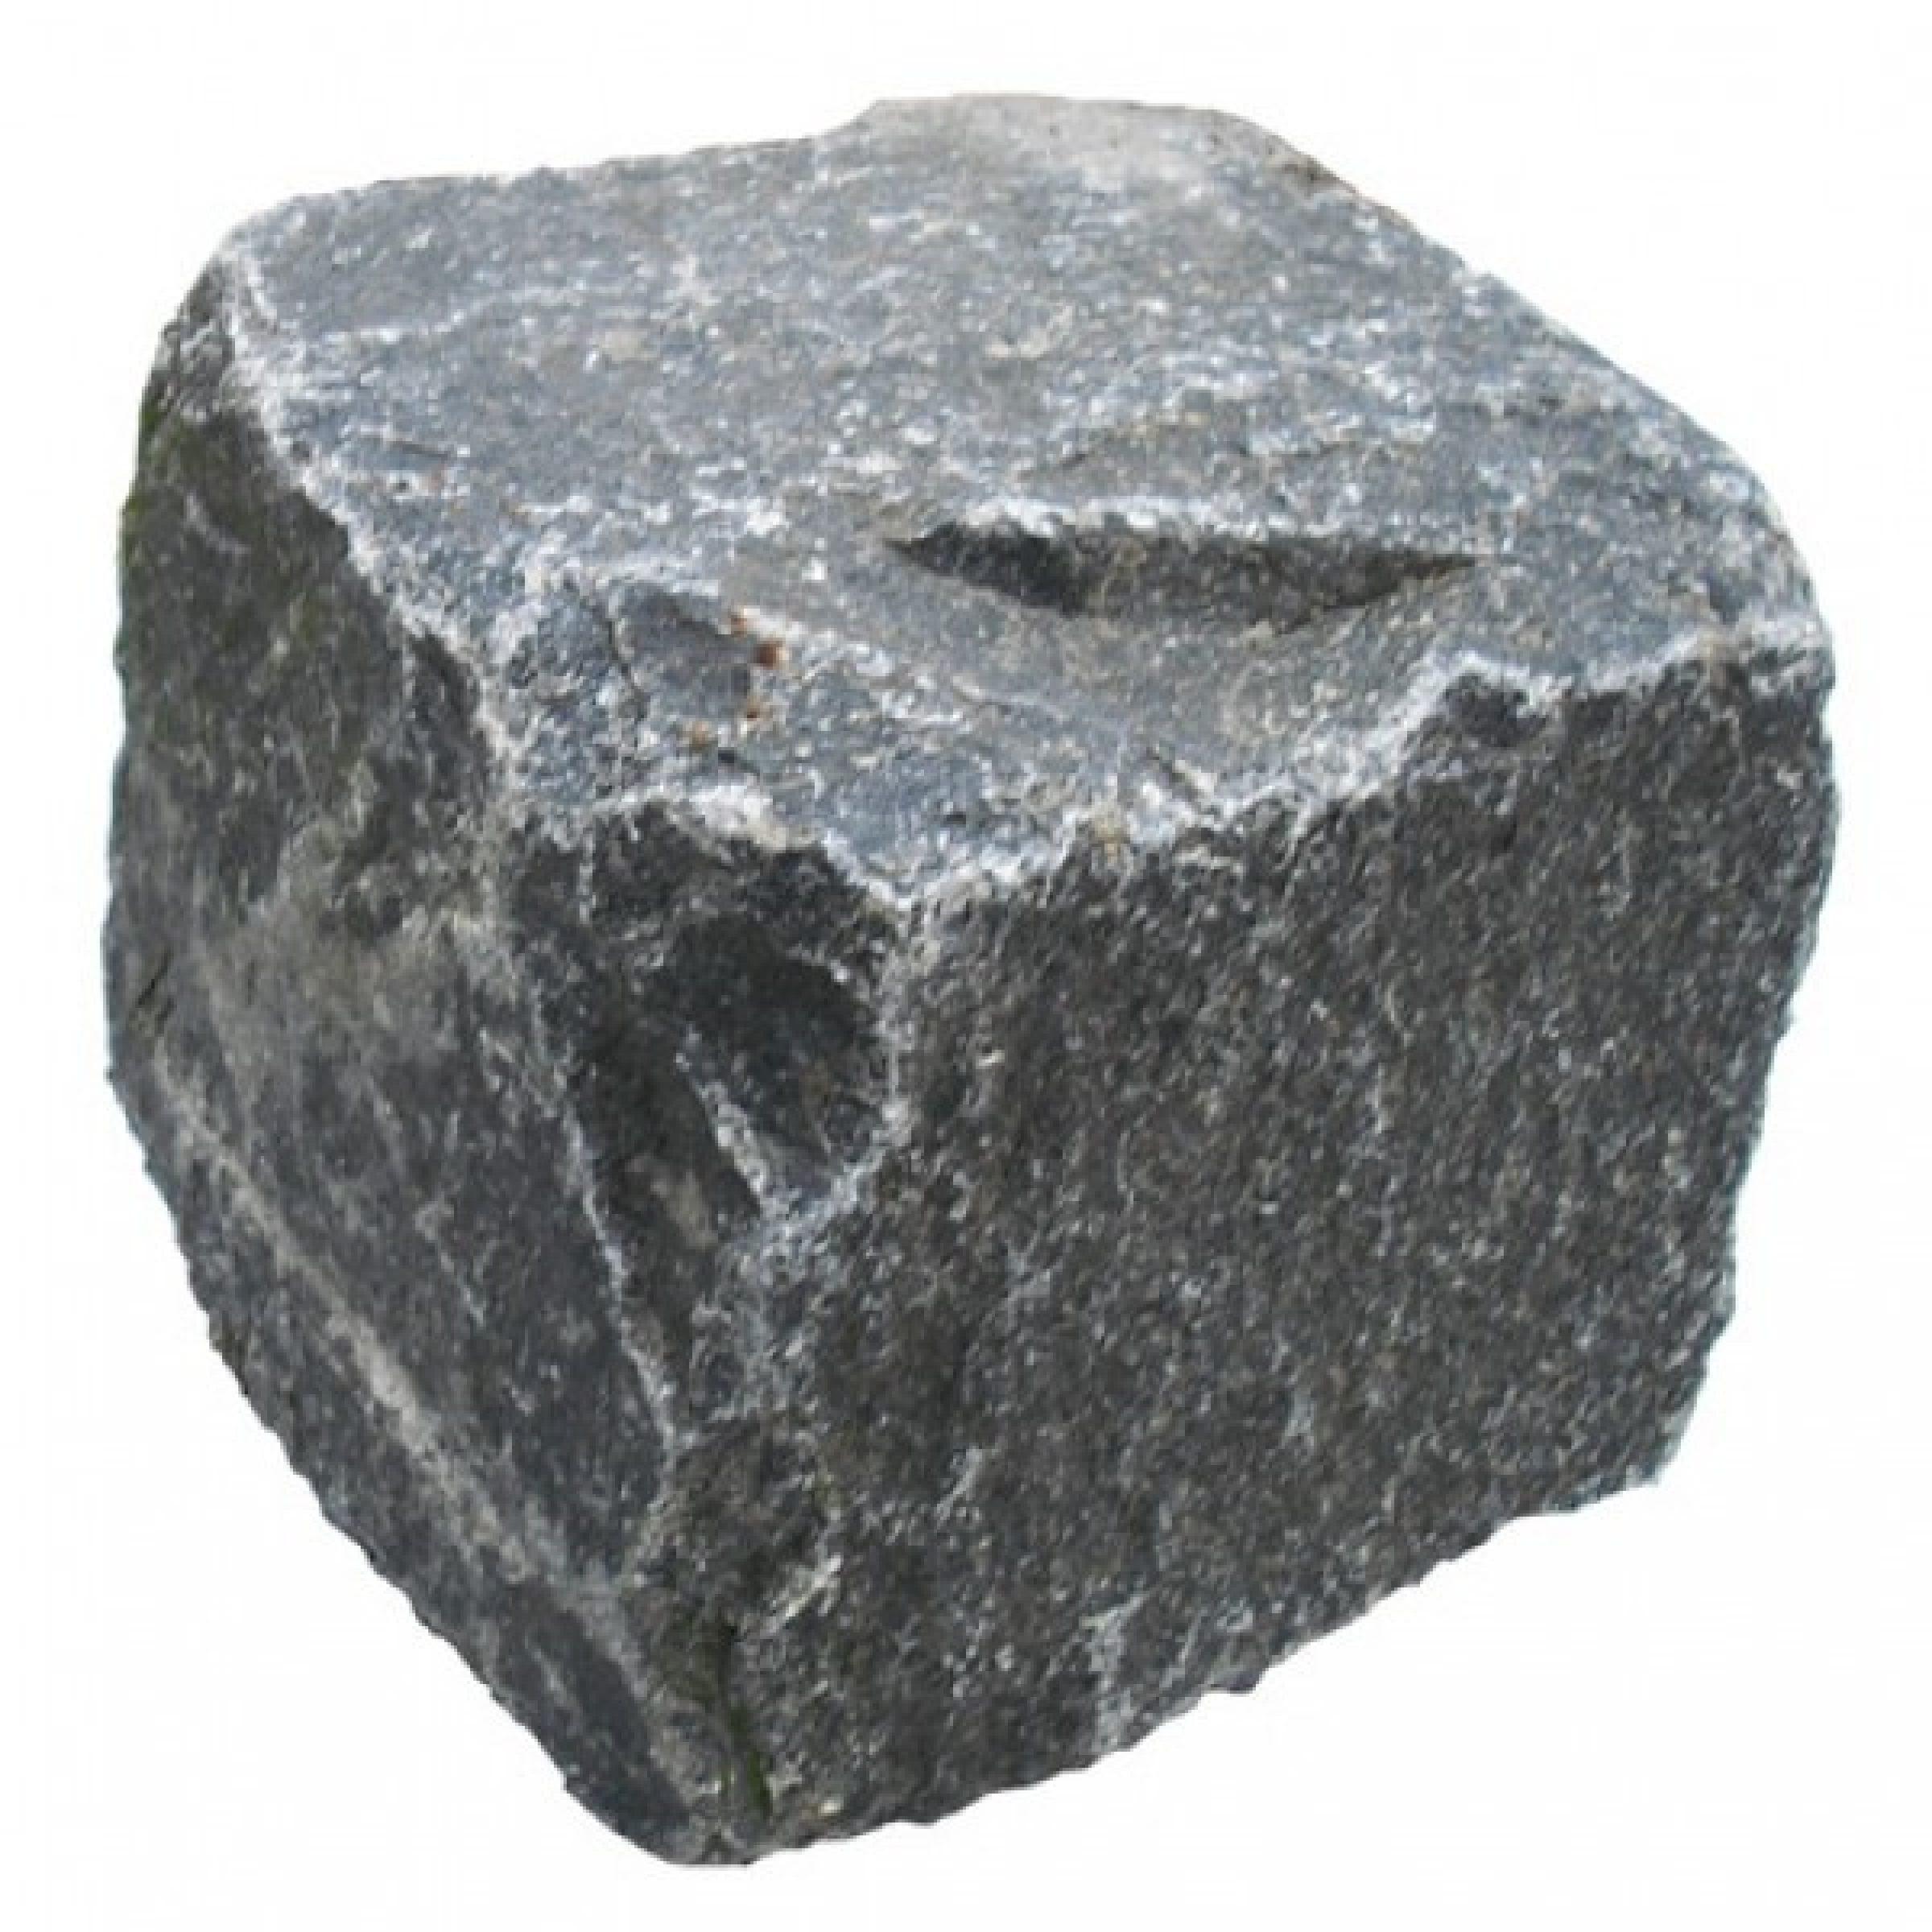 Pflasterstein-Basalt-gespalten_720x600